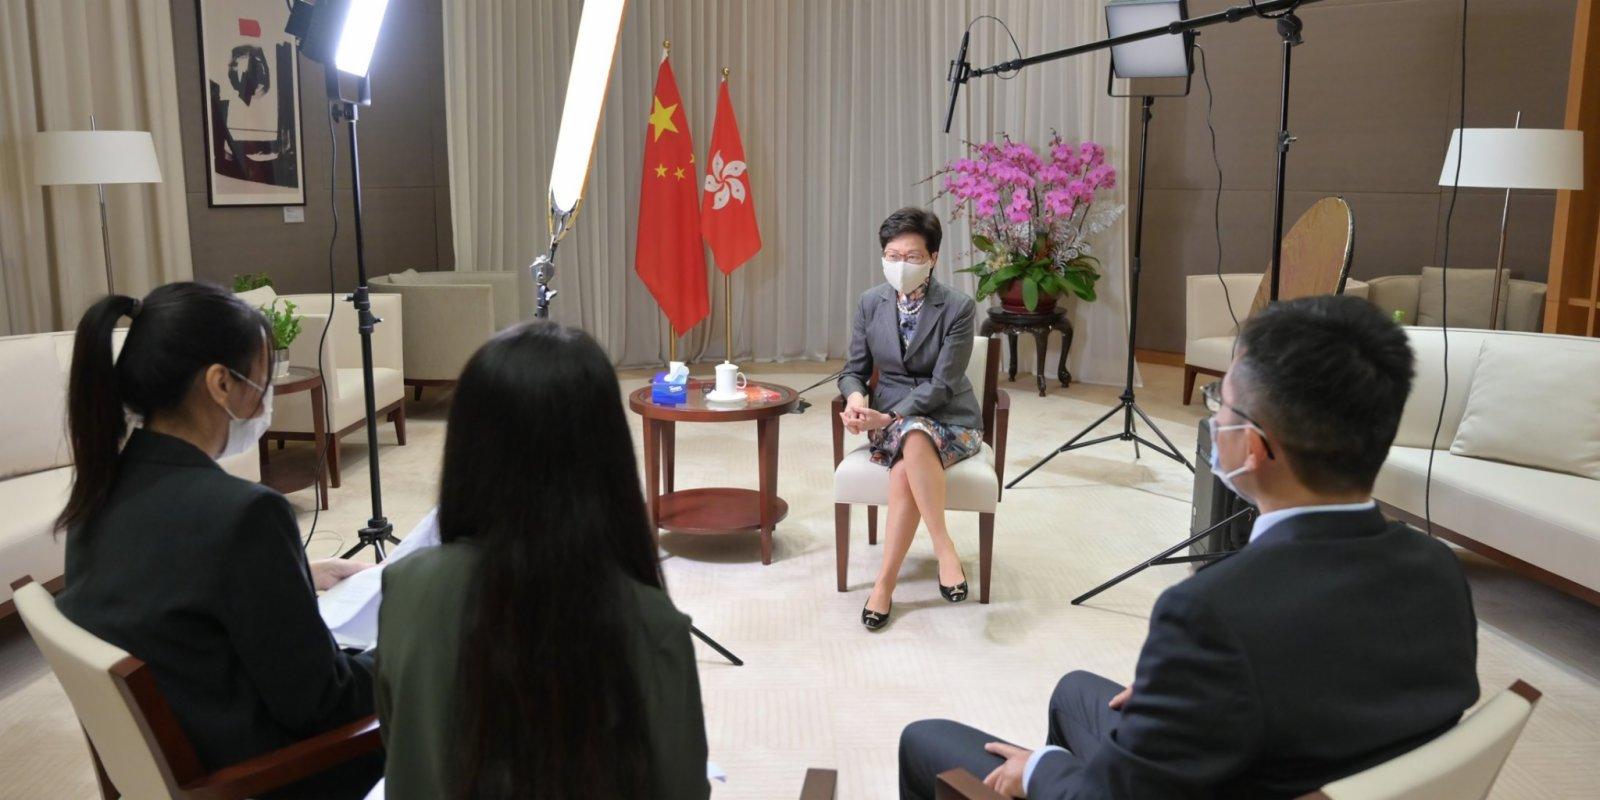 林鄭:國安法令市民重享自由人權 外國「制裁」應回頭是岸